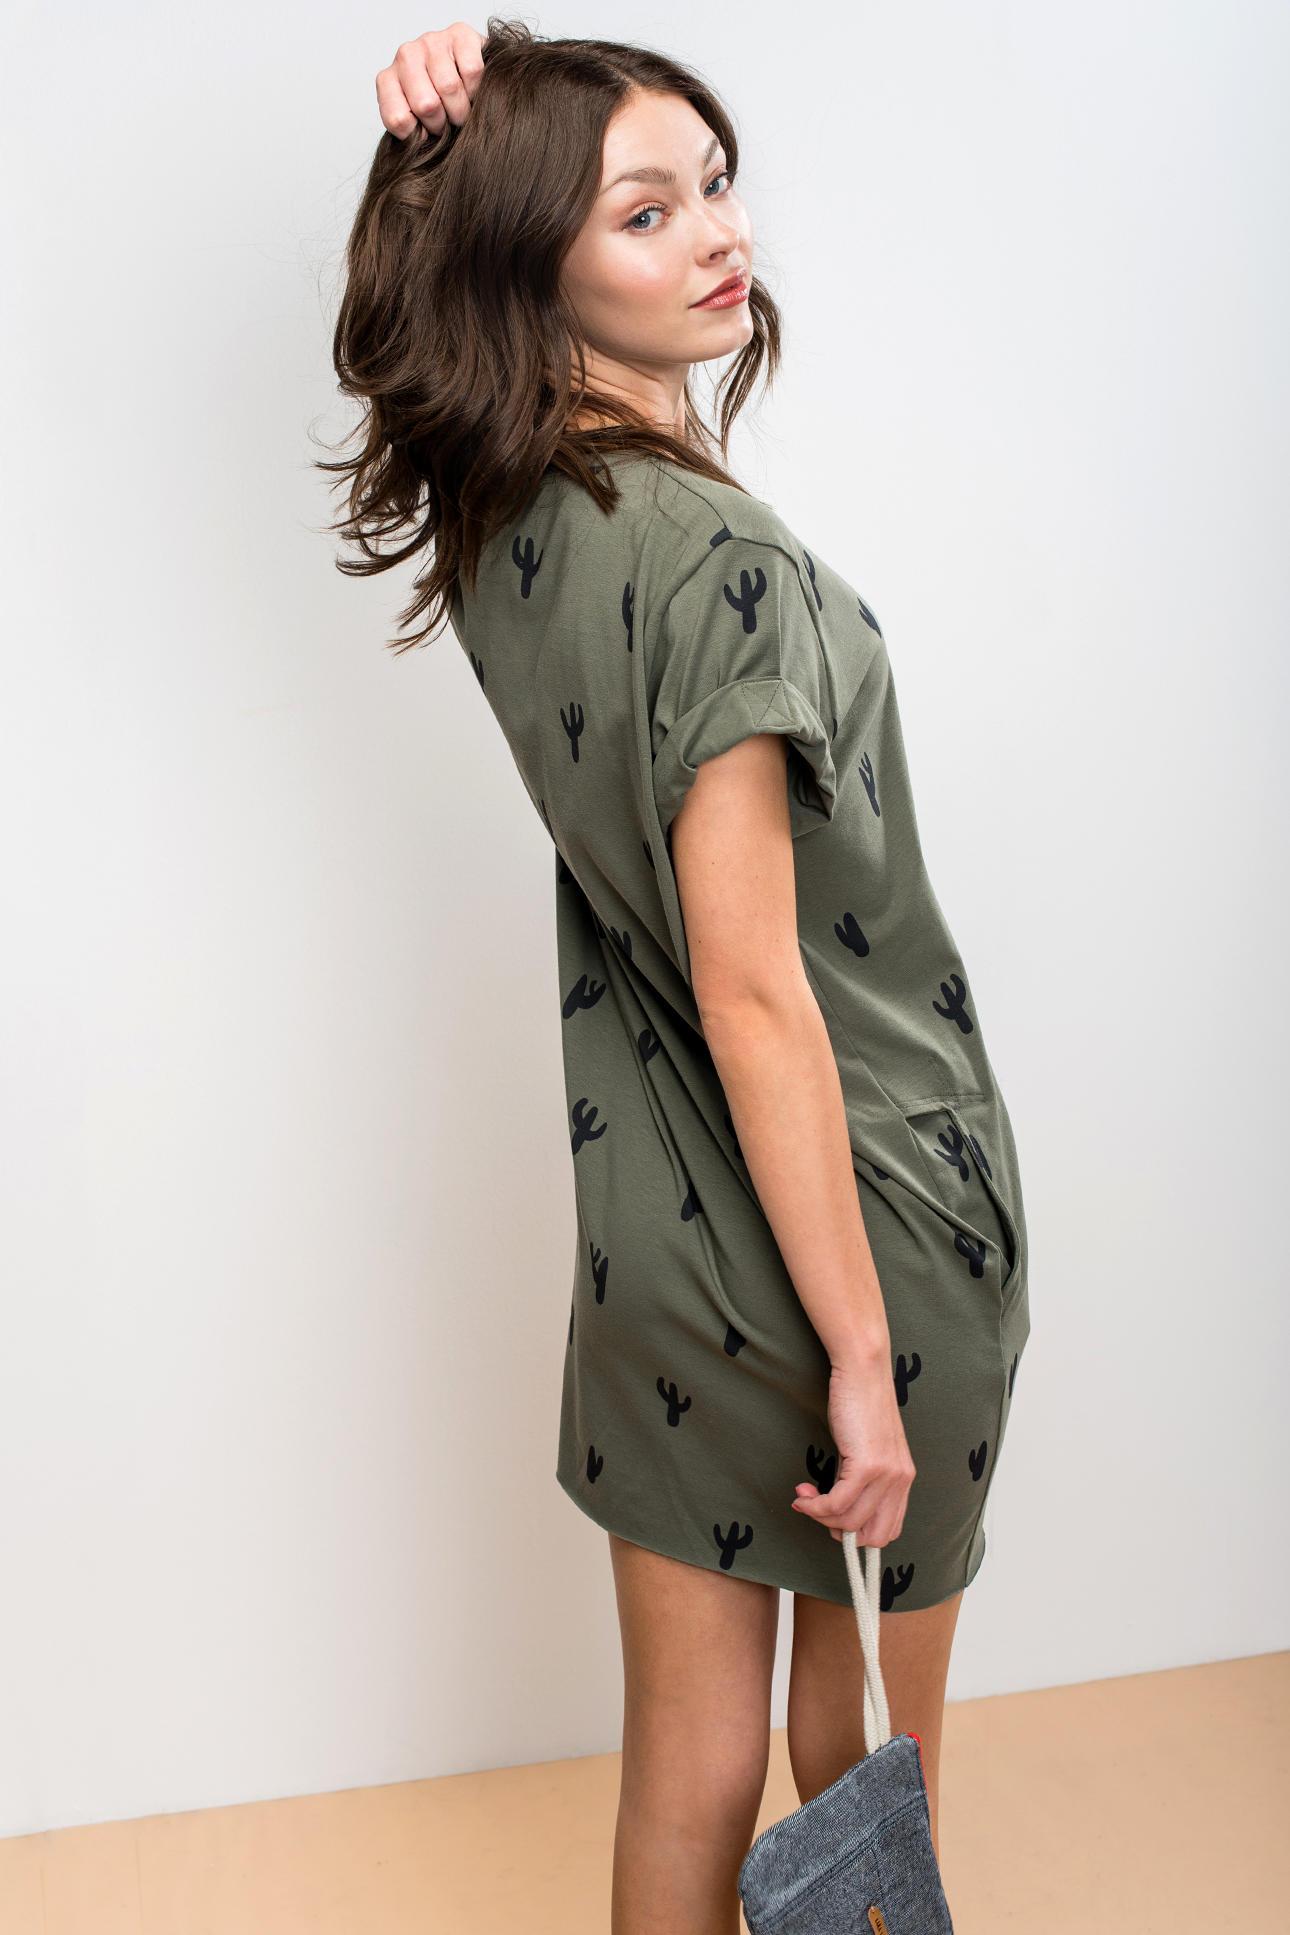 c64068dca58e Šaty Leafy - Pohodlné oblečení